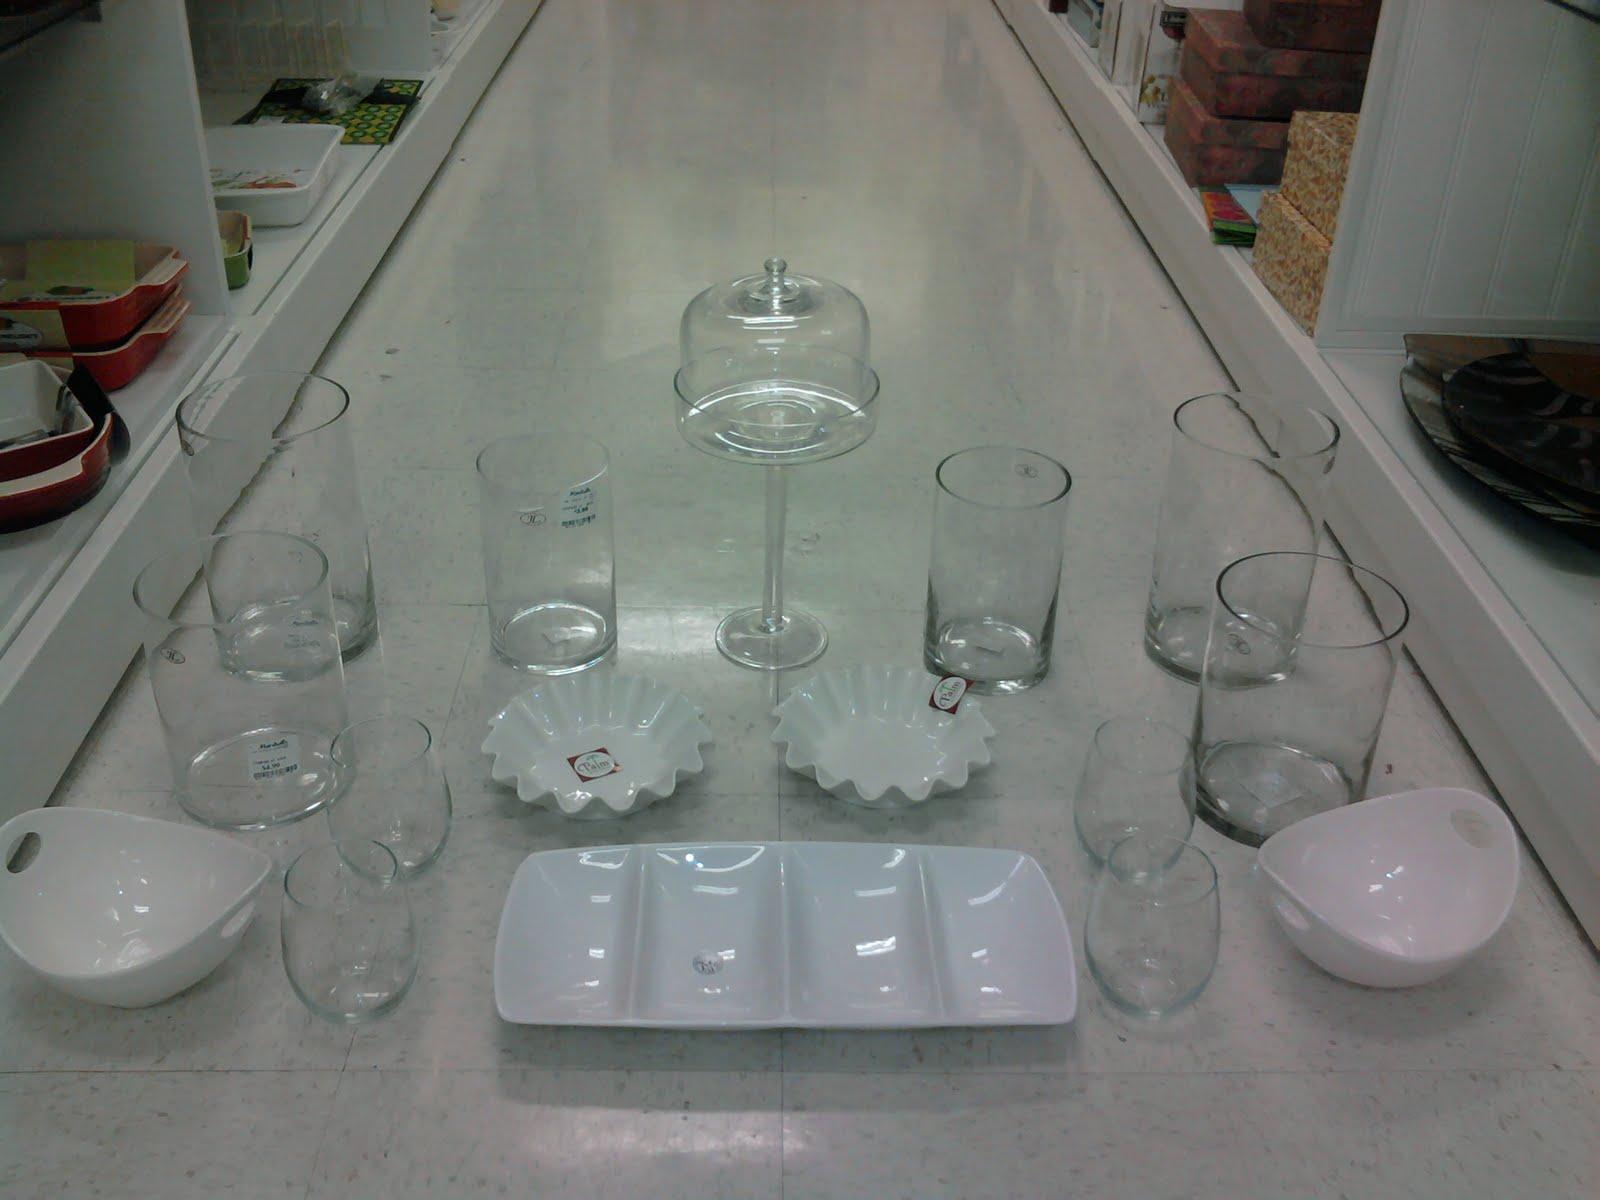 Candy Bar jar set up: